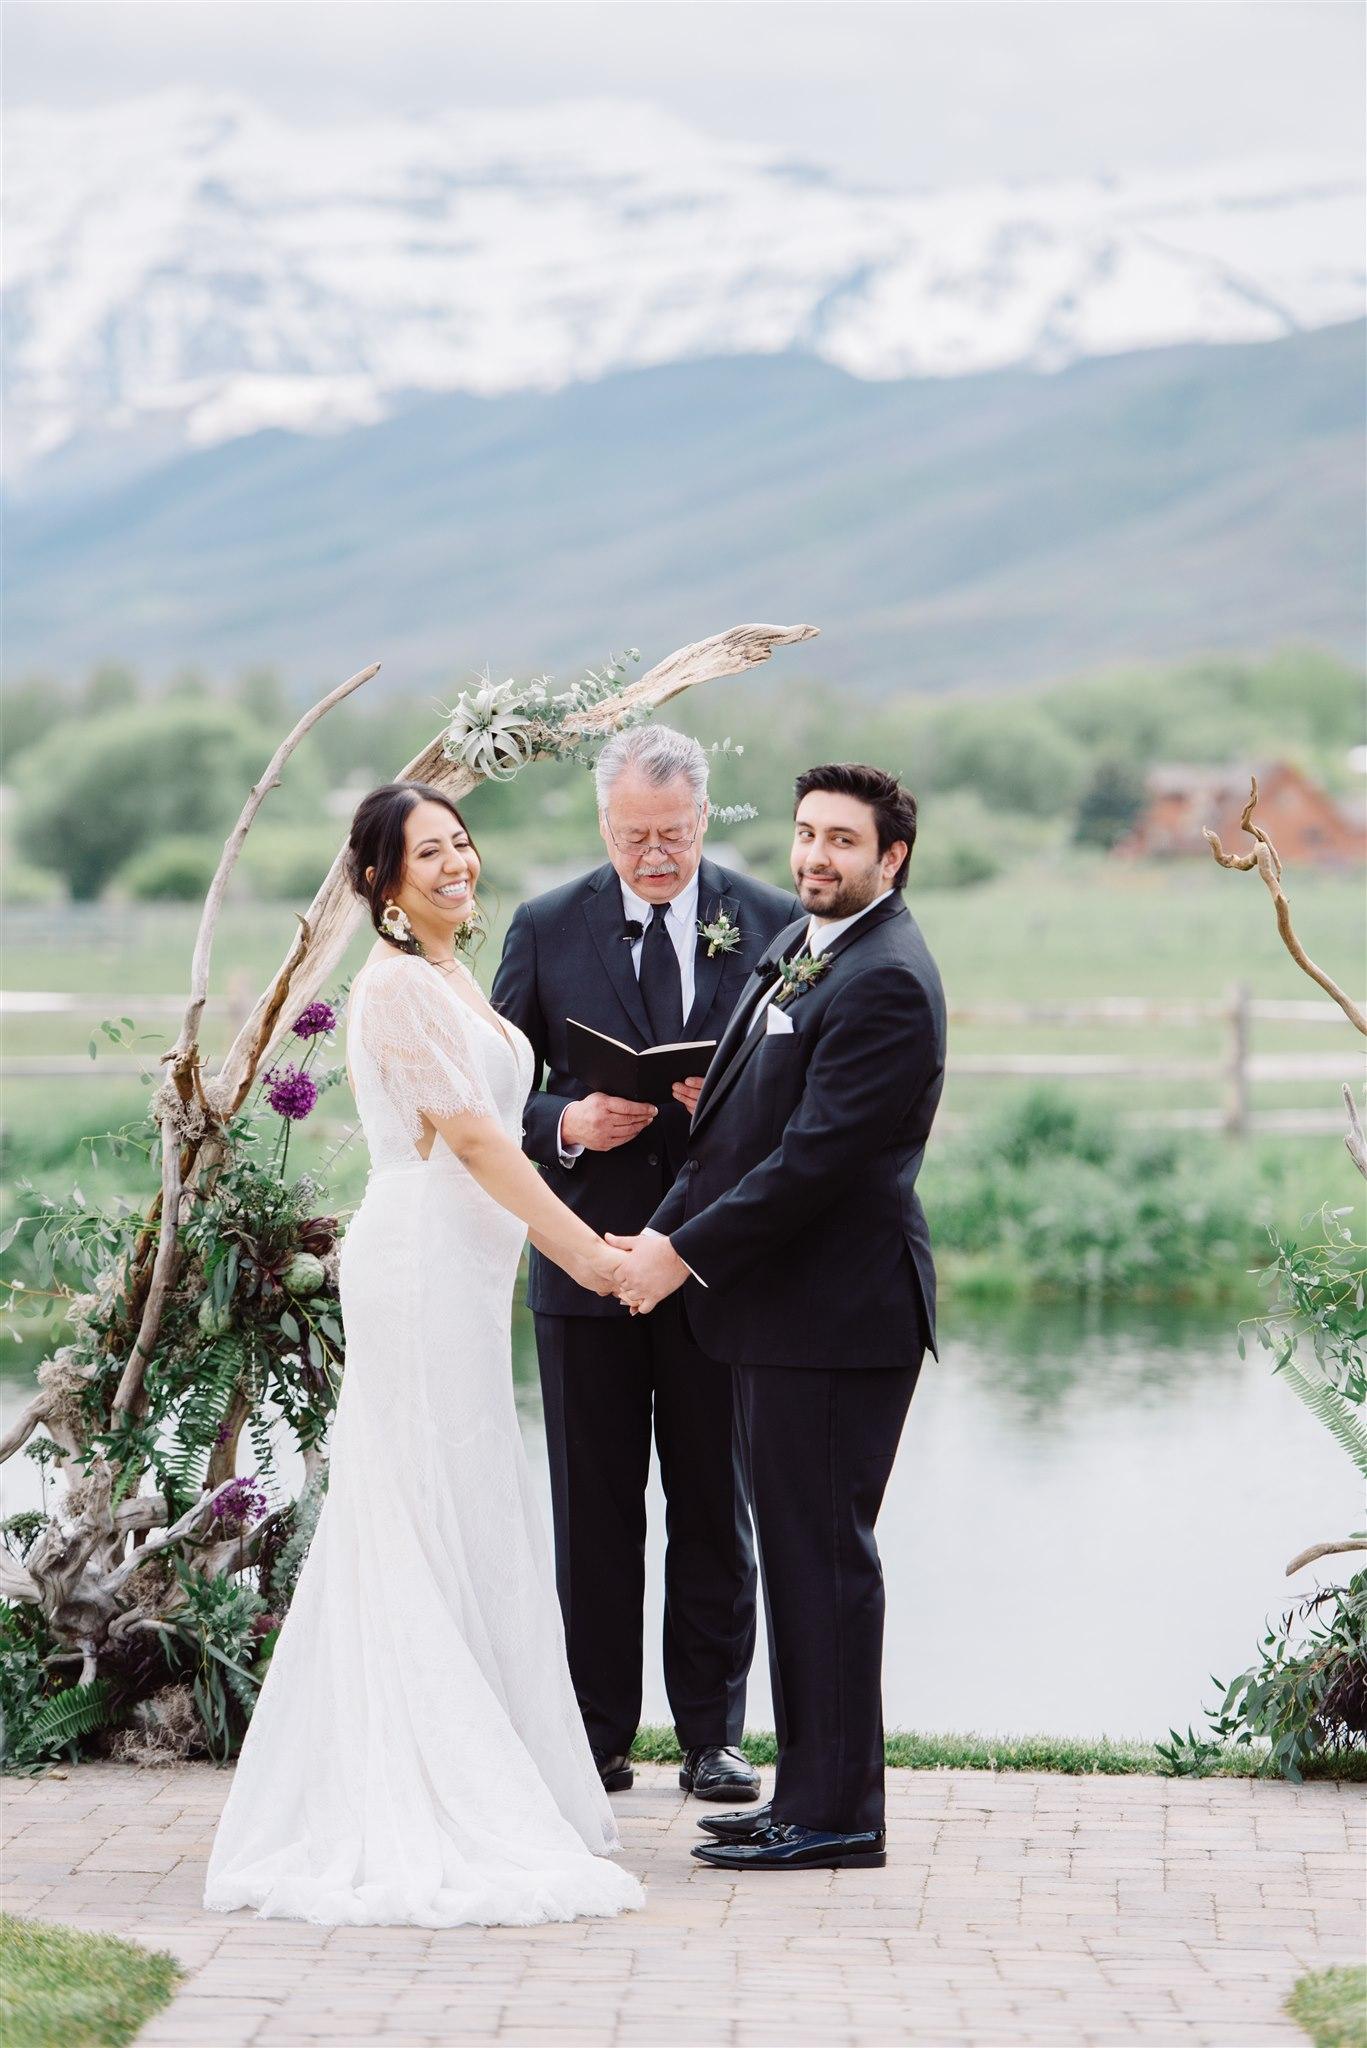 heidi_michael_wedding_05622.jpg